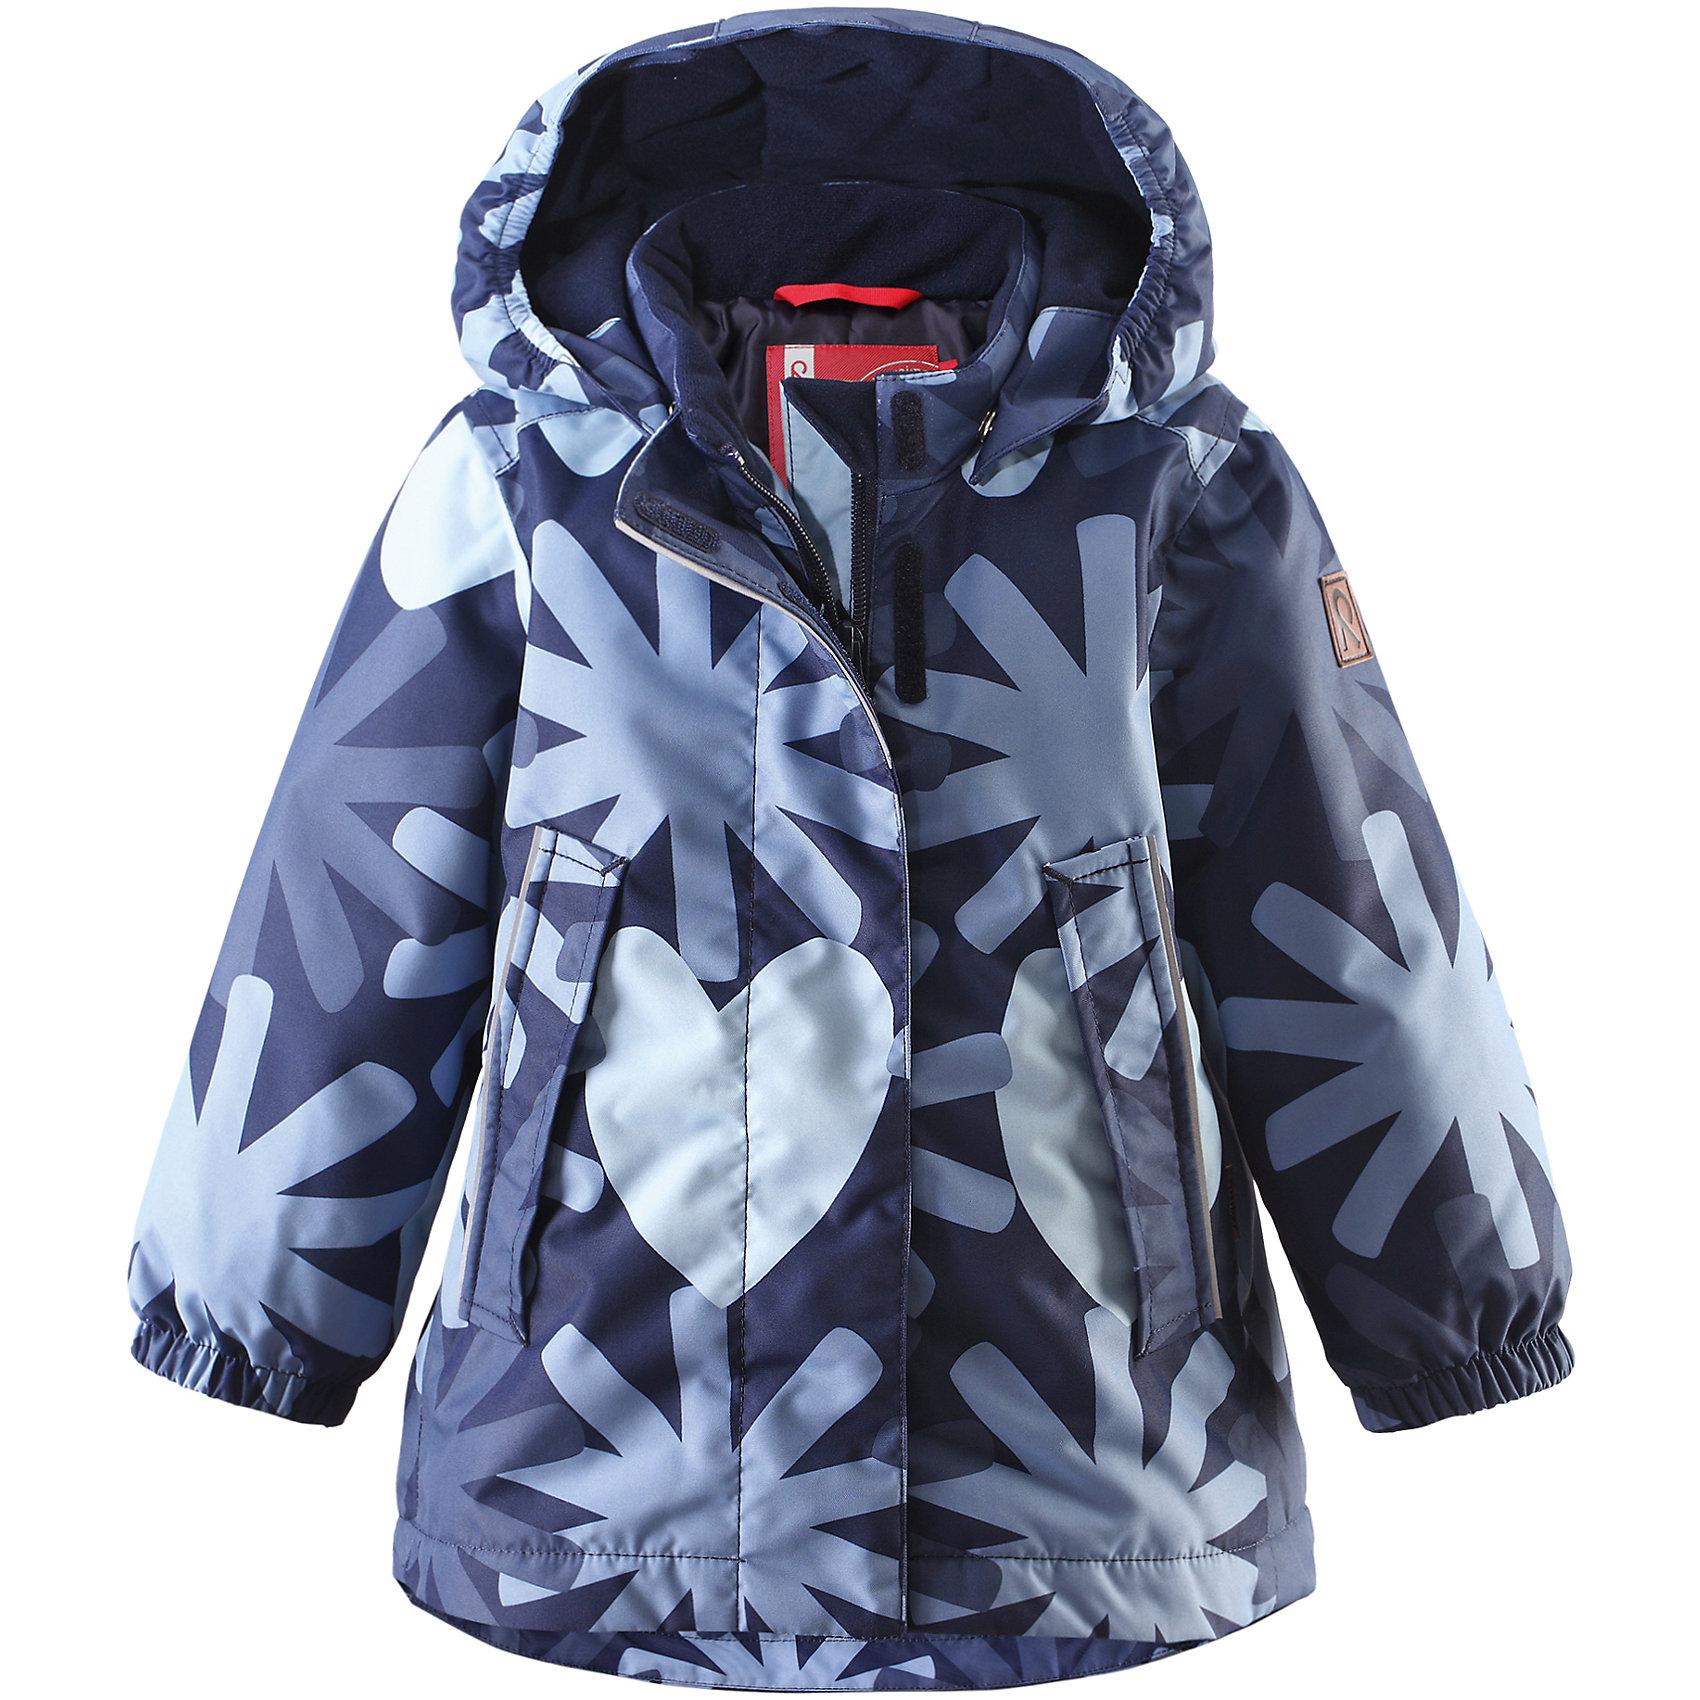 Куртка Misteli для девочки ReimaВерхняя одежда<br>Куртка для девочки от финского бренда Reima.<br>Зимняя куртка для малышей. Основные швы проклеены и не пропускают влагу. Водо- и ветронепроницаемый, «дышащий» и грязеотталкивающий материал. Крой для девочек. Гладкая подкладка из полиэстра. Безопасный, съемный капюшон. Эластичные манжеты. Регулировка сзади. Трапециевидная форма с удлиненным сзади подолом. Два прорезных кармана. Безопасные светоотражающие детали.<br>Рекомендация по уходу:<br>Стирать по отдельности, вывернув наизнанку. Застегнуть молнии и липучки. Стирать моющим средством, не содержащим отбеливающие вещества. Полоскать без специального средства. Во избежание изменения цвета изделие необходимо вынуть из стиральной машинки незамедлительно после окончания программы стирки. Сушить при низкой температуре.<br>Состав:<br>100% ПЭ, ПУ-покрытие<br>Вес утеплителя:160 g<br><br>Ширина мм: 356<br>Глубина мм: 10<br>Высота мм: 245<br>Вес г: 519<br>Цвет: синий<br>Возраст от месяцев: 24<br>Возраст до месяцев: 36<br>Пол: Женский<br>Возраст: Детский<br>Размер: 98,74,80,86,92<br>SKU: 5086965